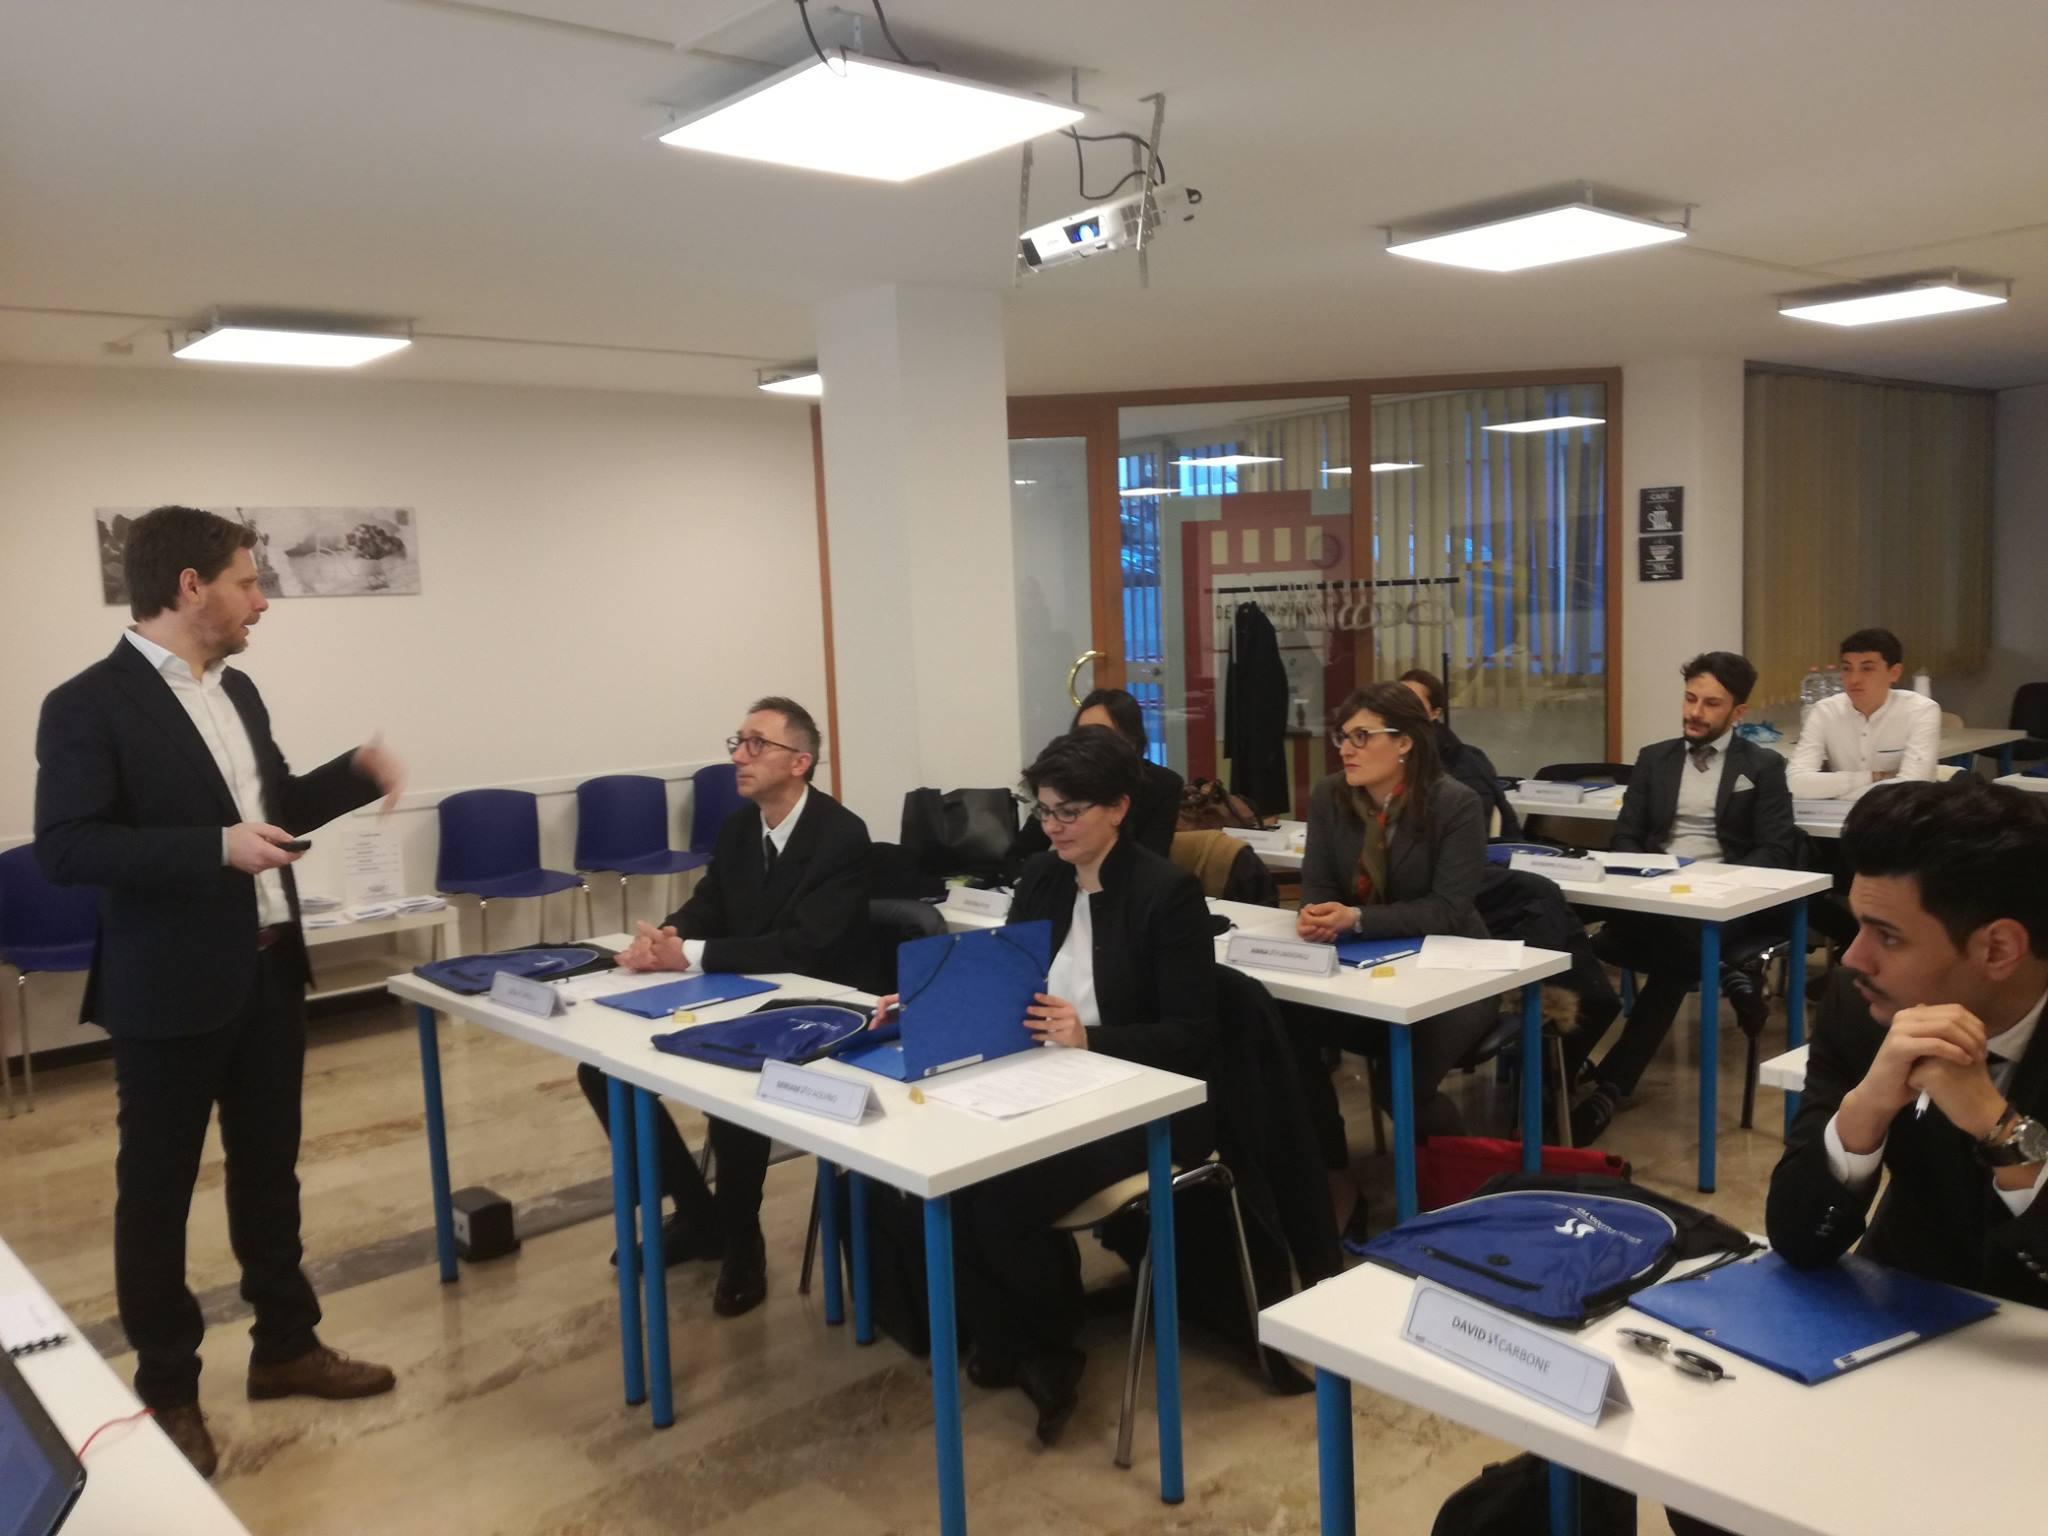 aula scuola italiana turismo